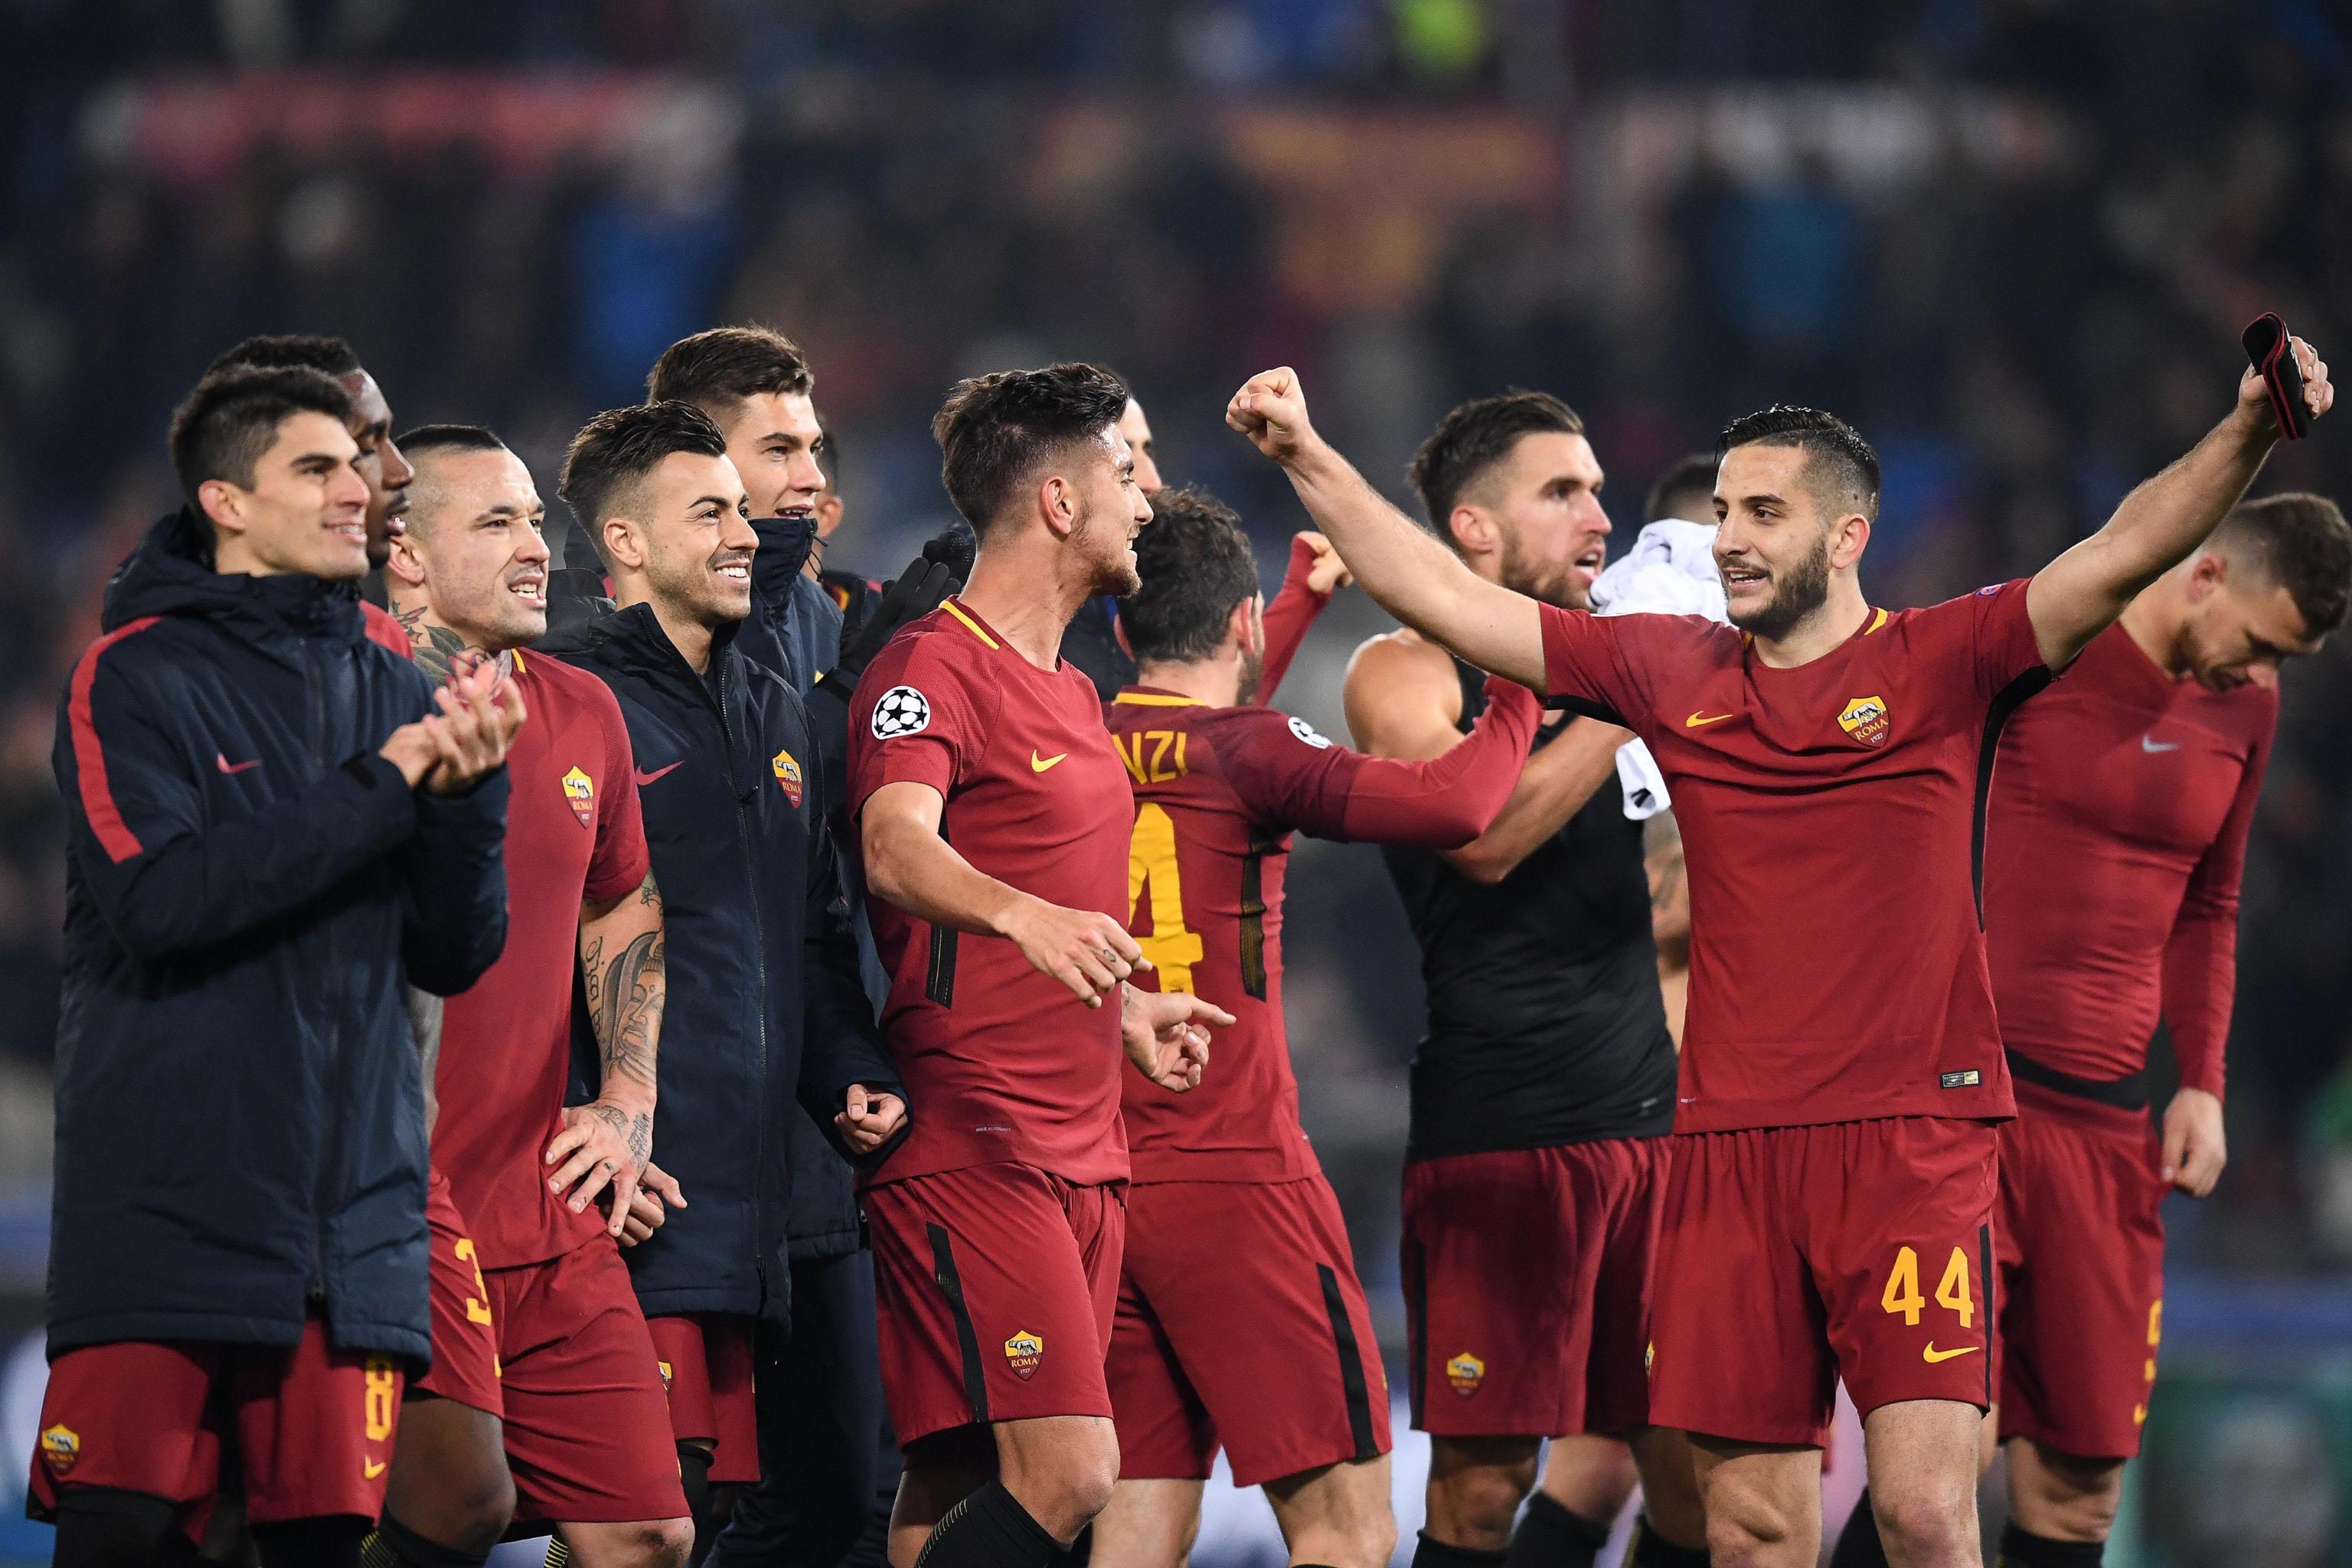 Calcio: Roma cede in Borsa dopo boom